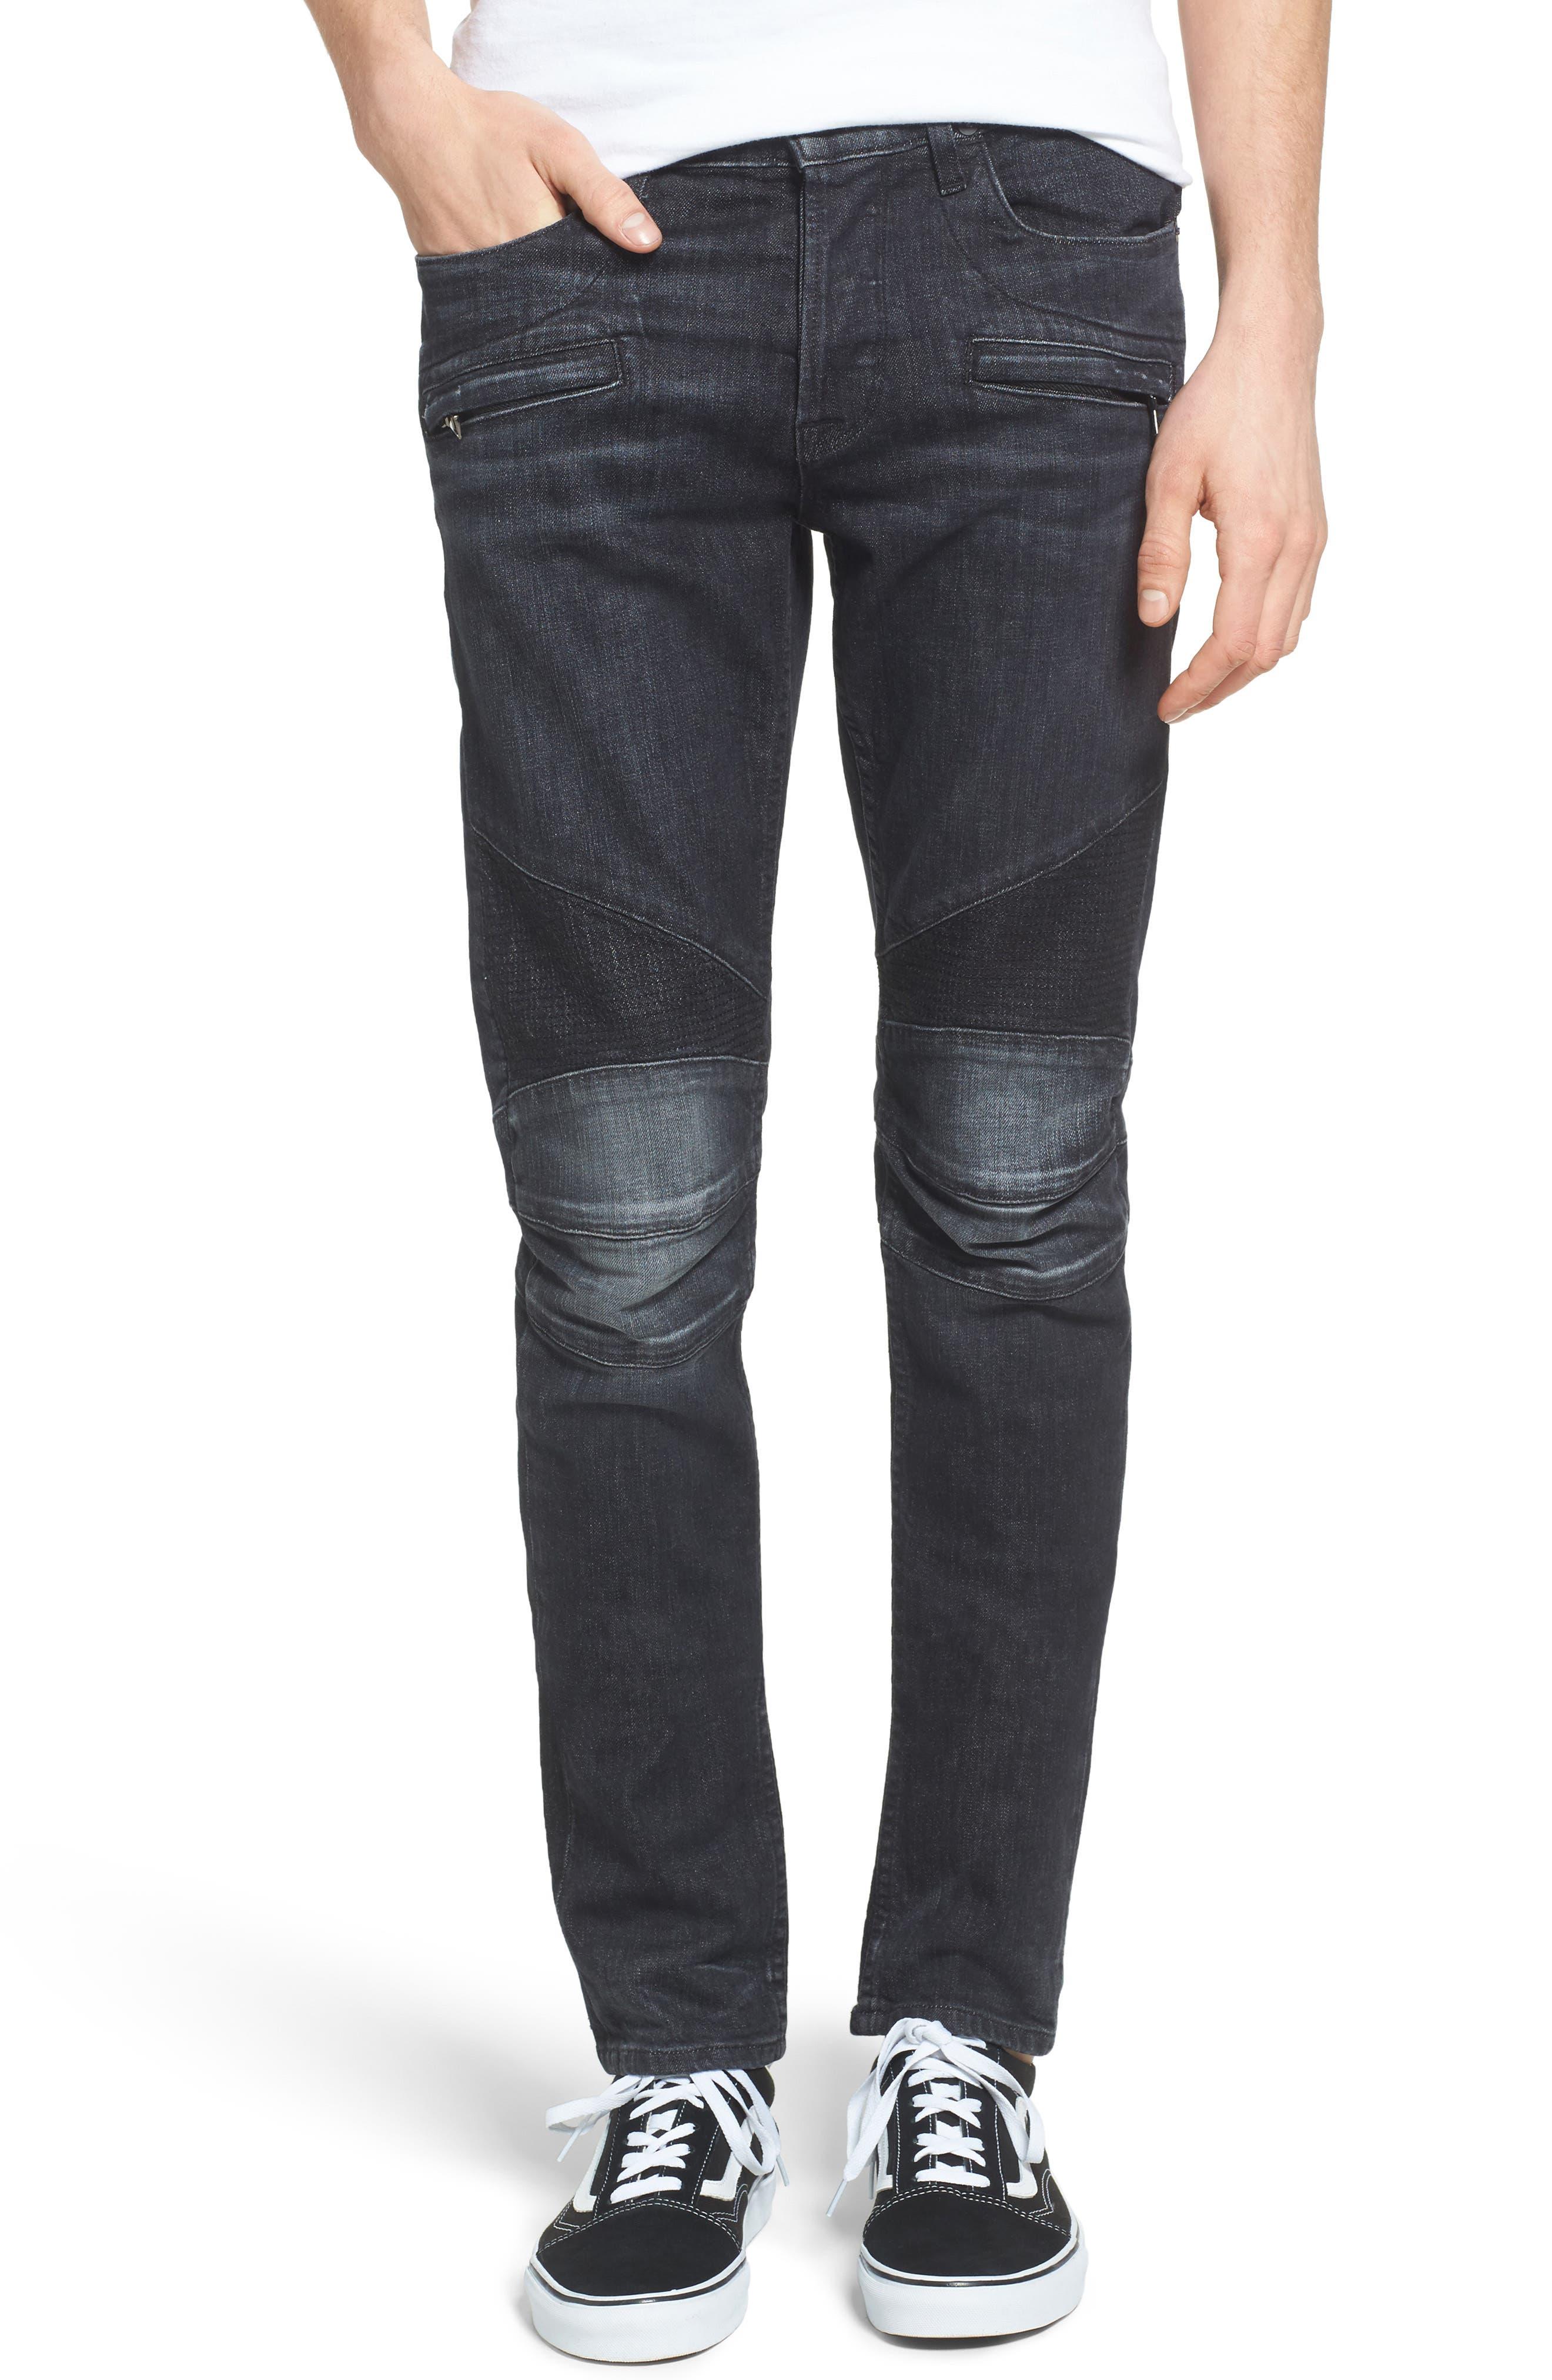 Blinder Skinny Fit Moto Jeans,                         Main,                         color, 001